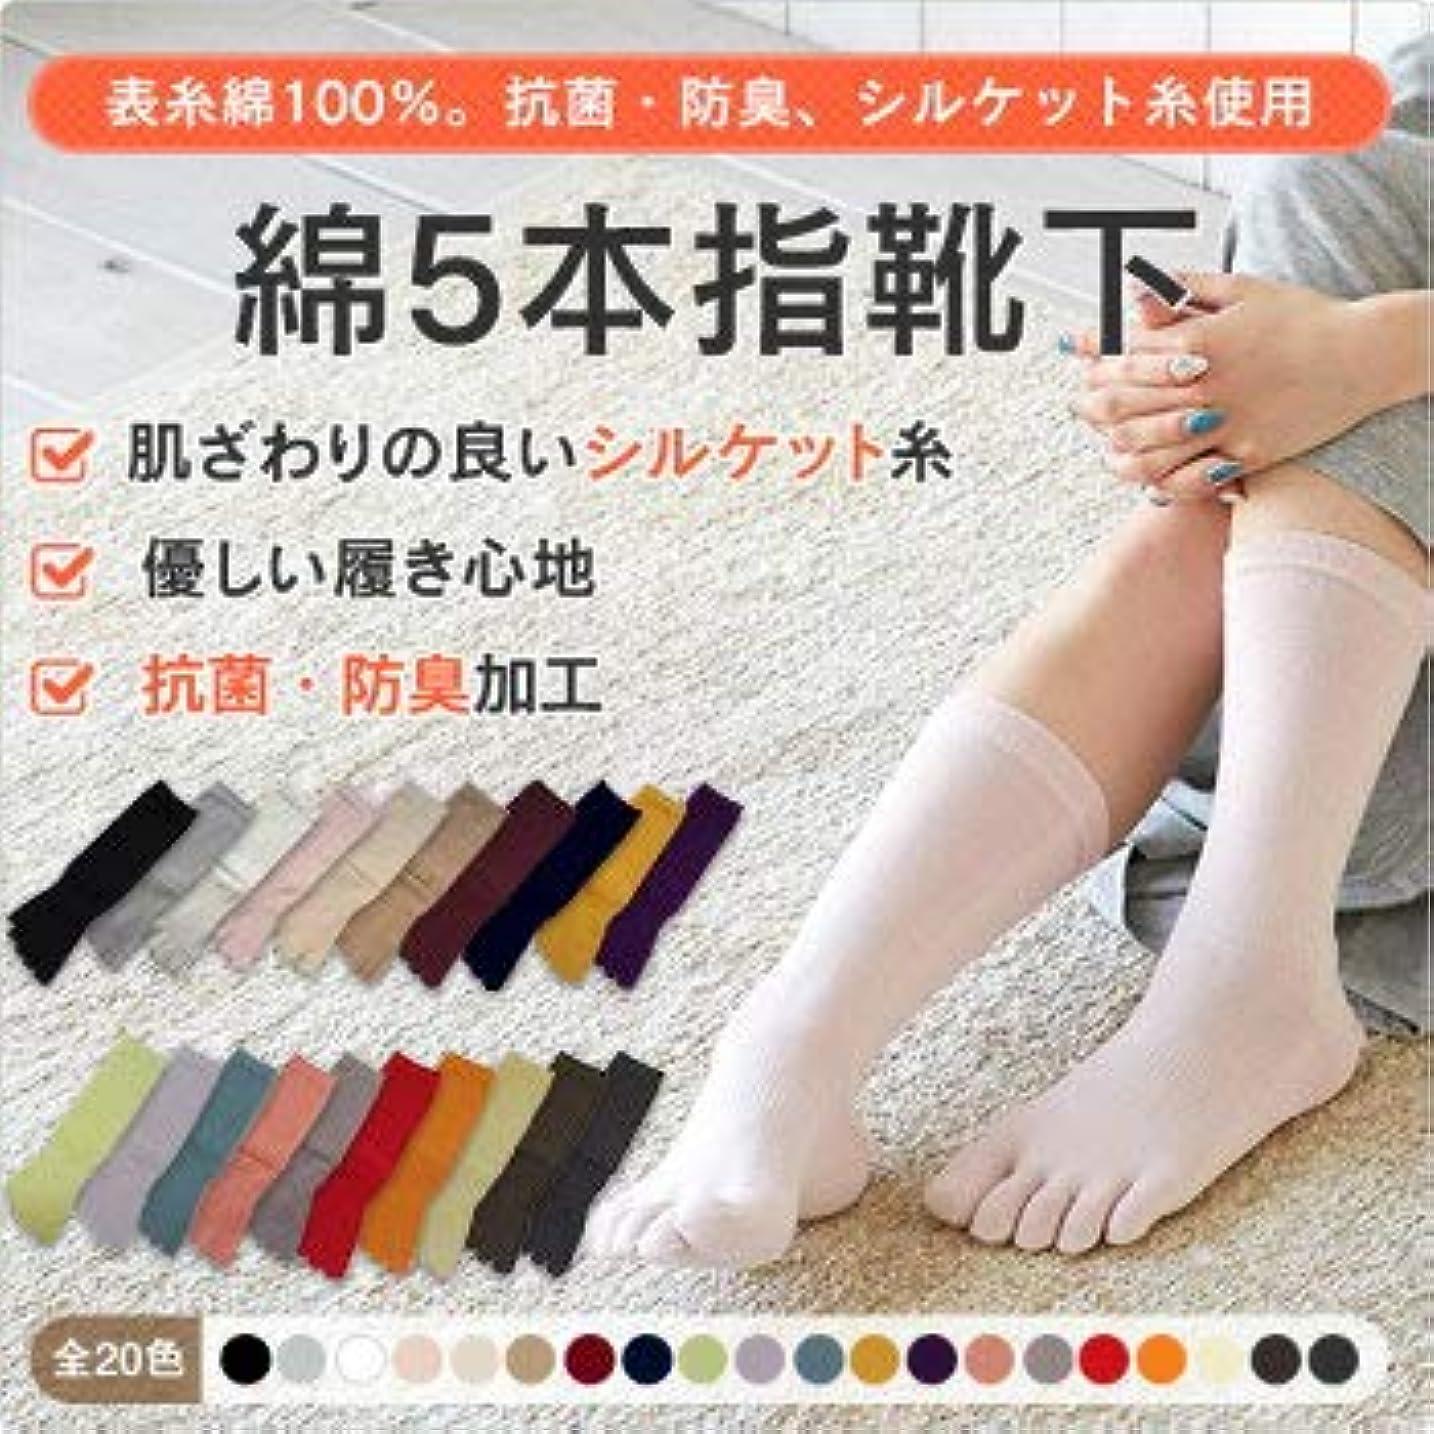 帳面相反するランダム選べる5色 女性用 5本指 ソックス 抗菌防臭 加工 綿100%糸使用 5色組 老舗 靴下 メーカーのこだわり 23-25cm 太陽ニット 3205P